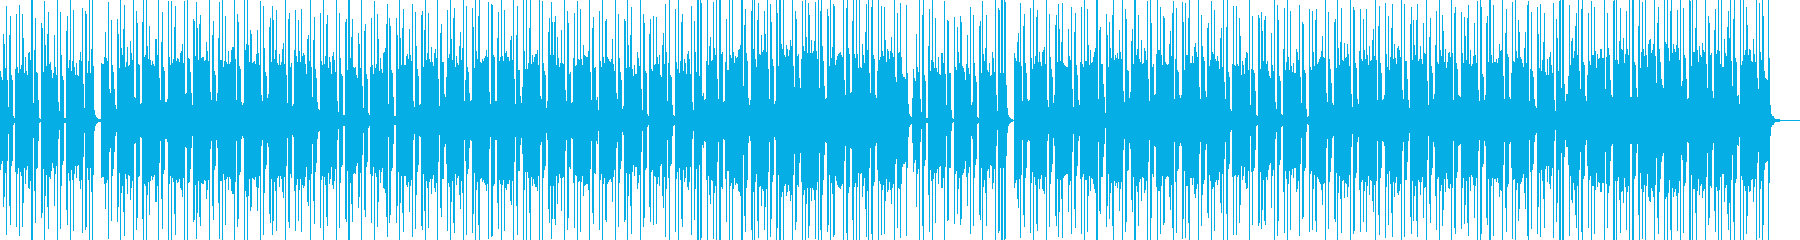 波に揺れるようなゆったりゆるいBGMの再生済みの波形